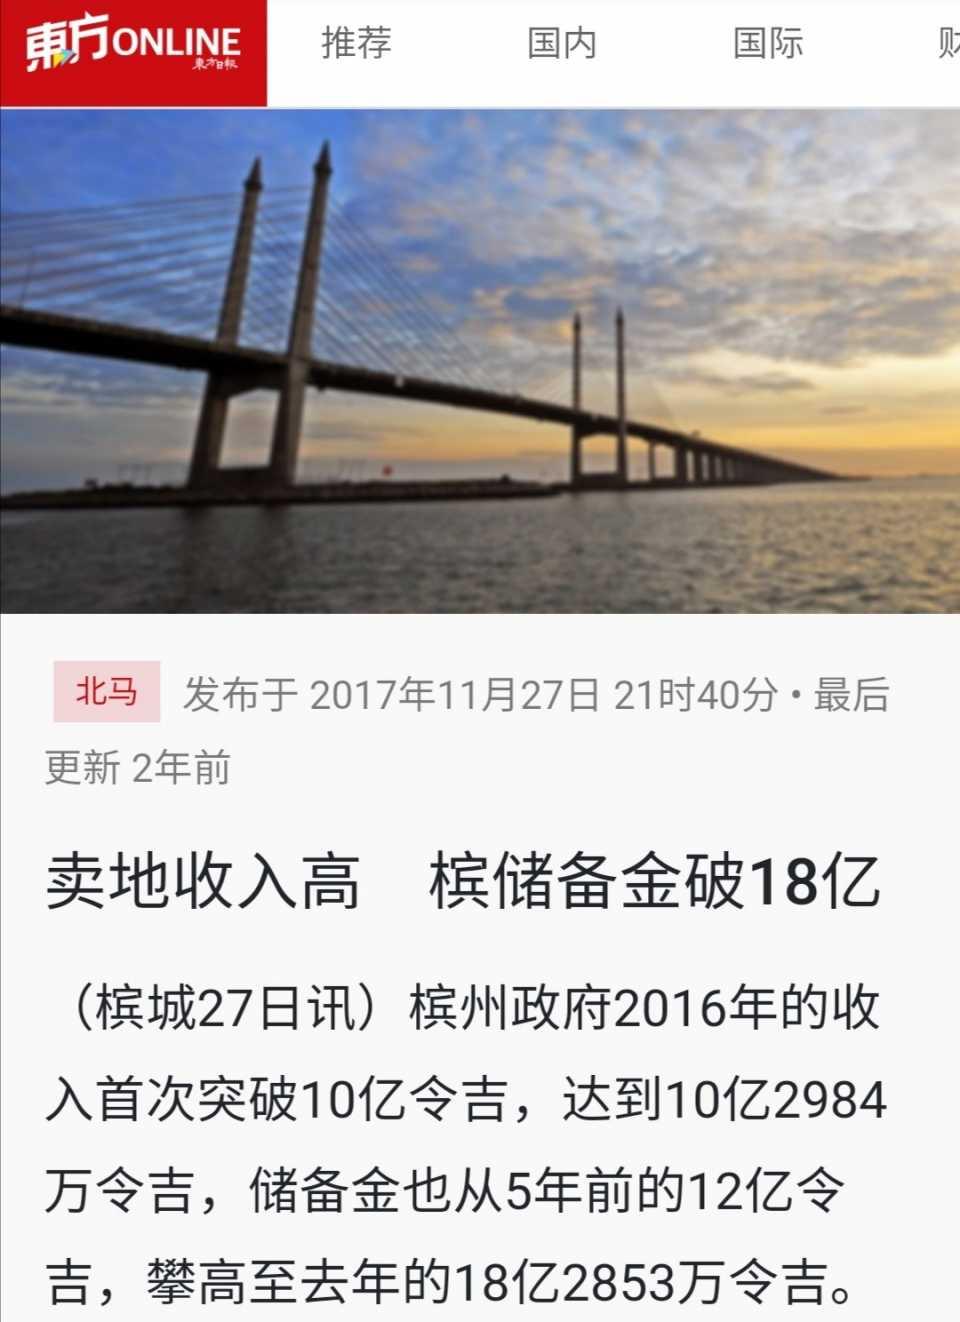 Screenshot_20200602_203336.jpg